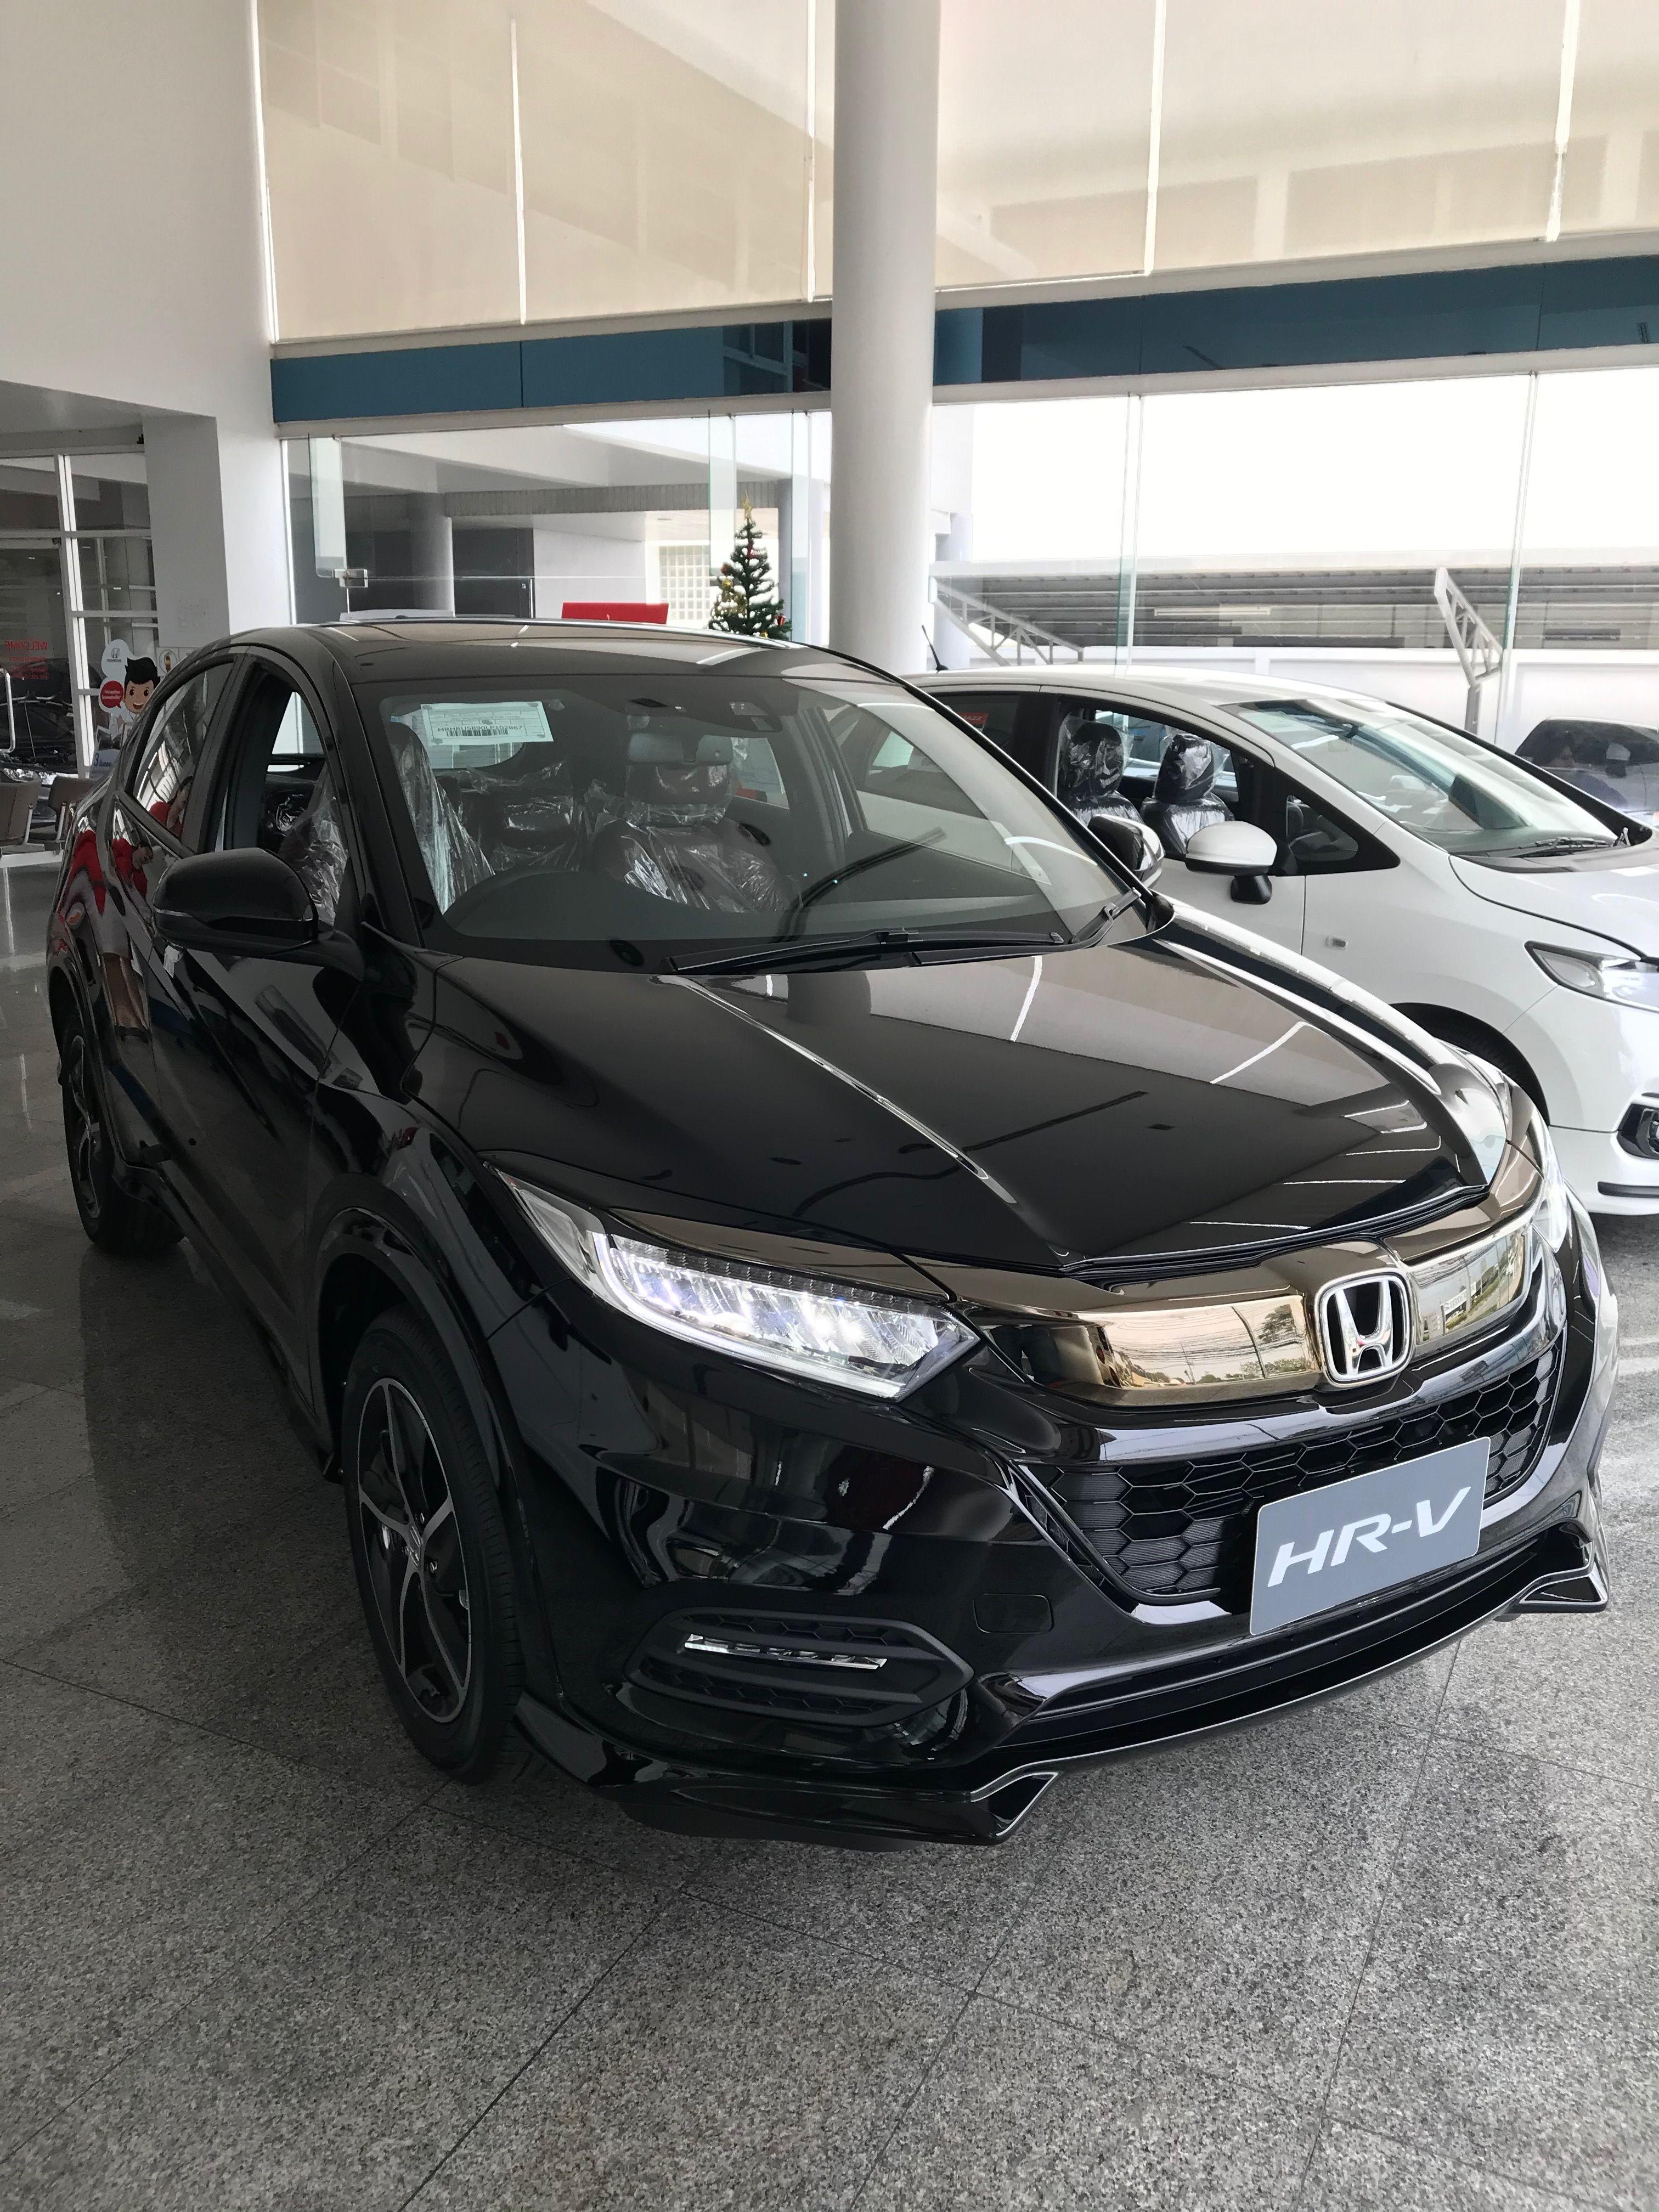 Honda Hr V Rs 2020 26 Lakh Real Life Review In 2020 Honda Honda Hrv Subcompact